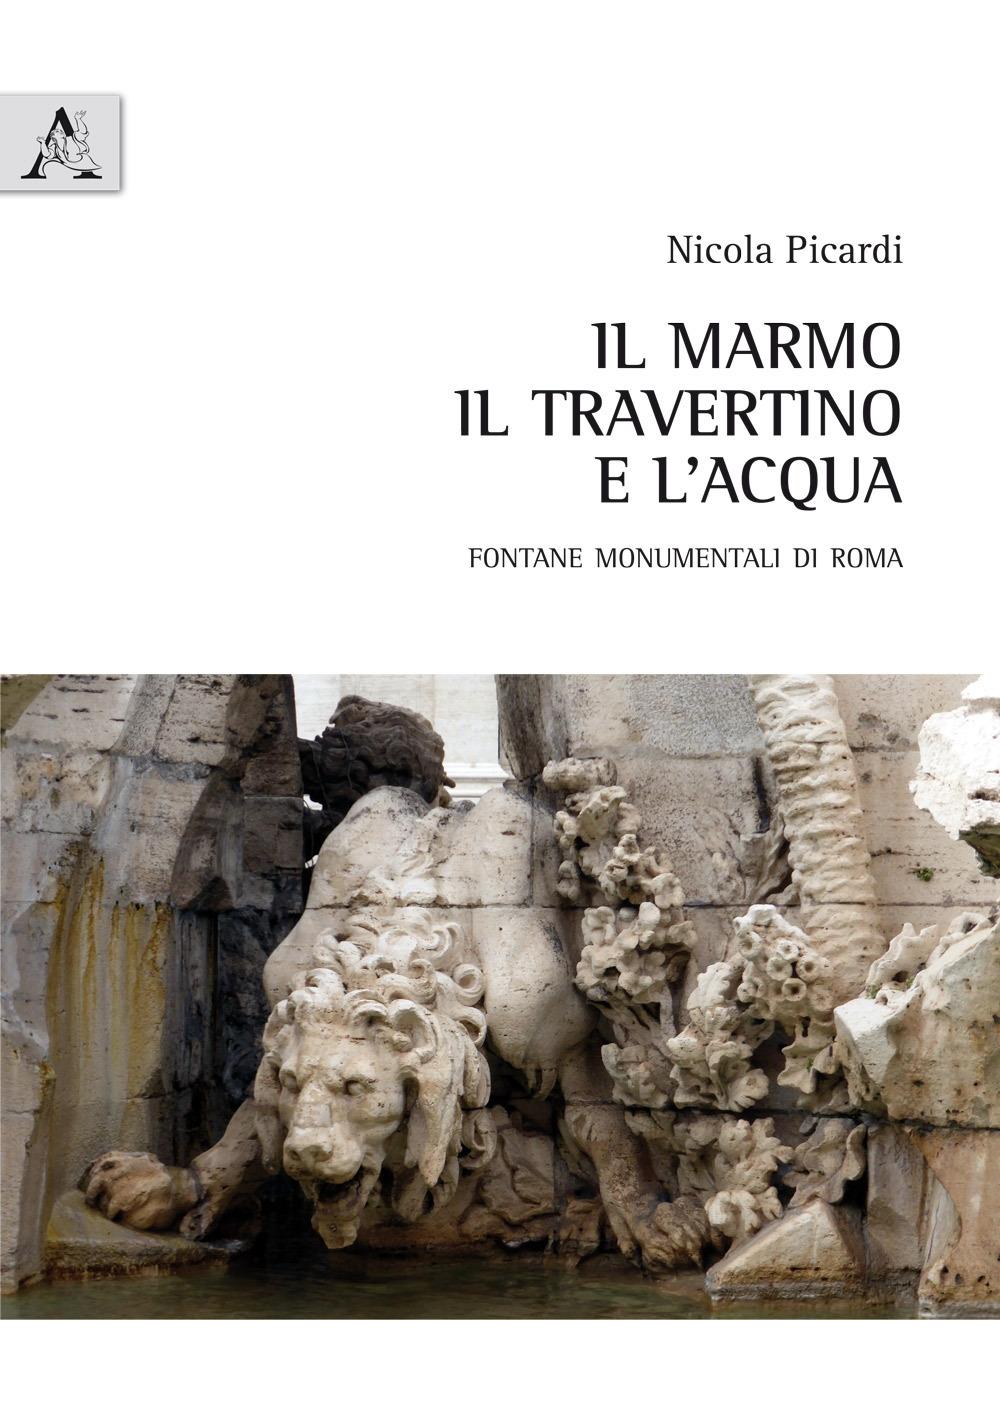 Il marmo, il travertino e l'acqua. Fontane monumentali di Roma